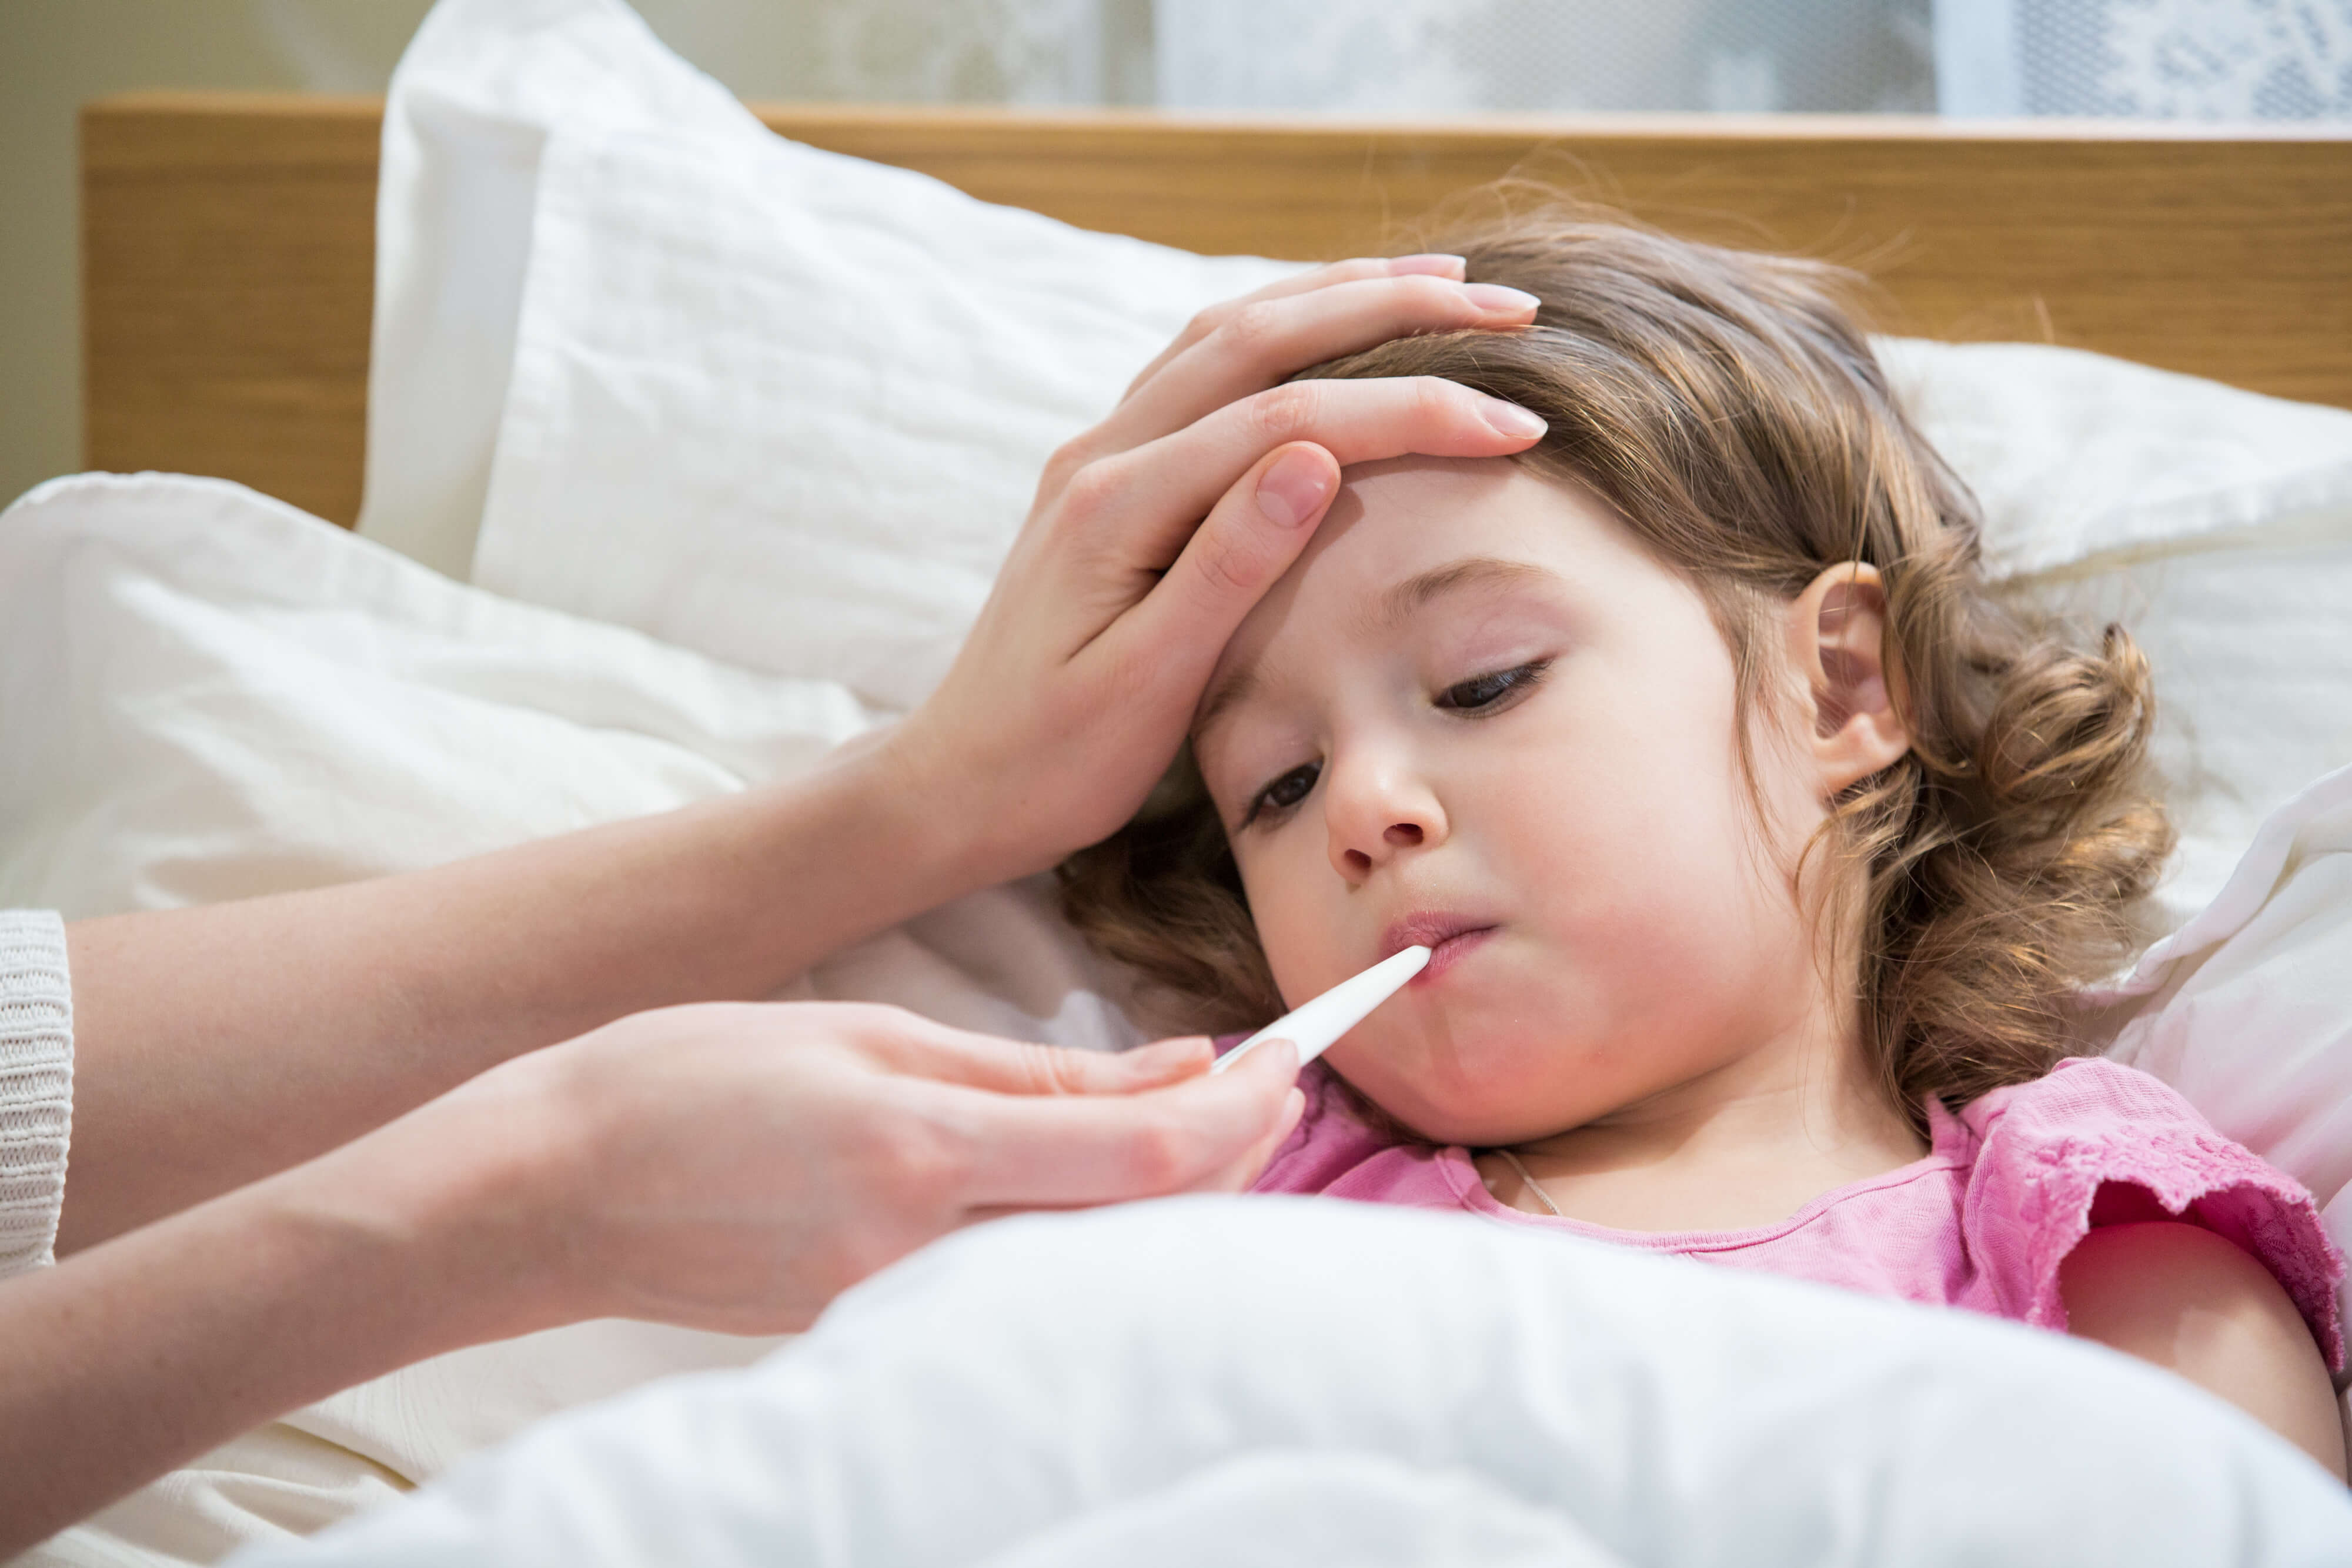 Лихорадка: стадии, симптомы, причины, лечение